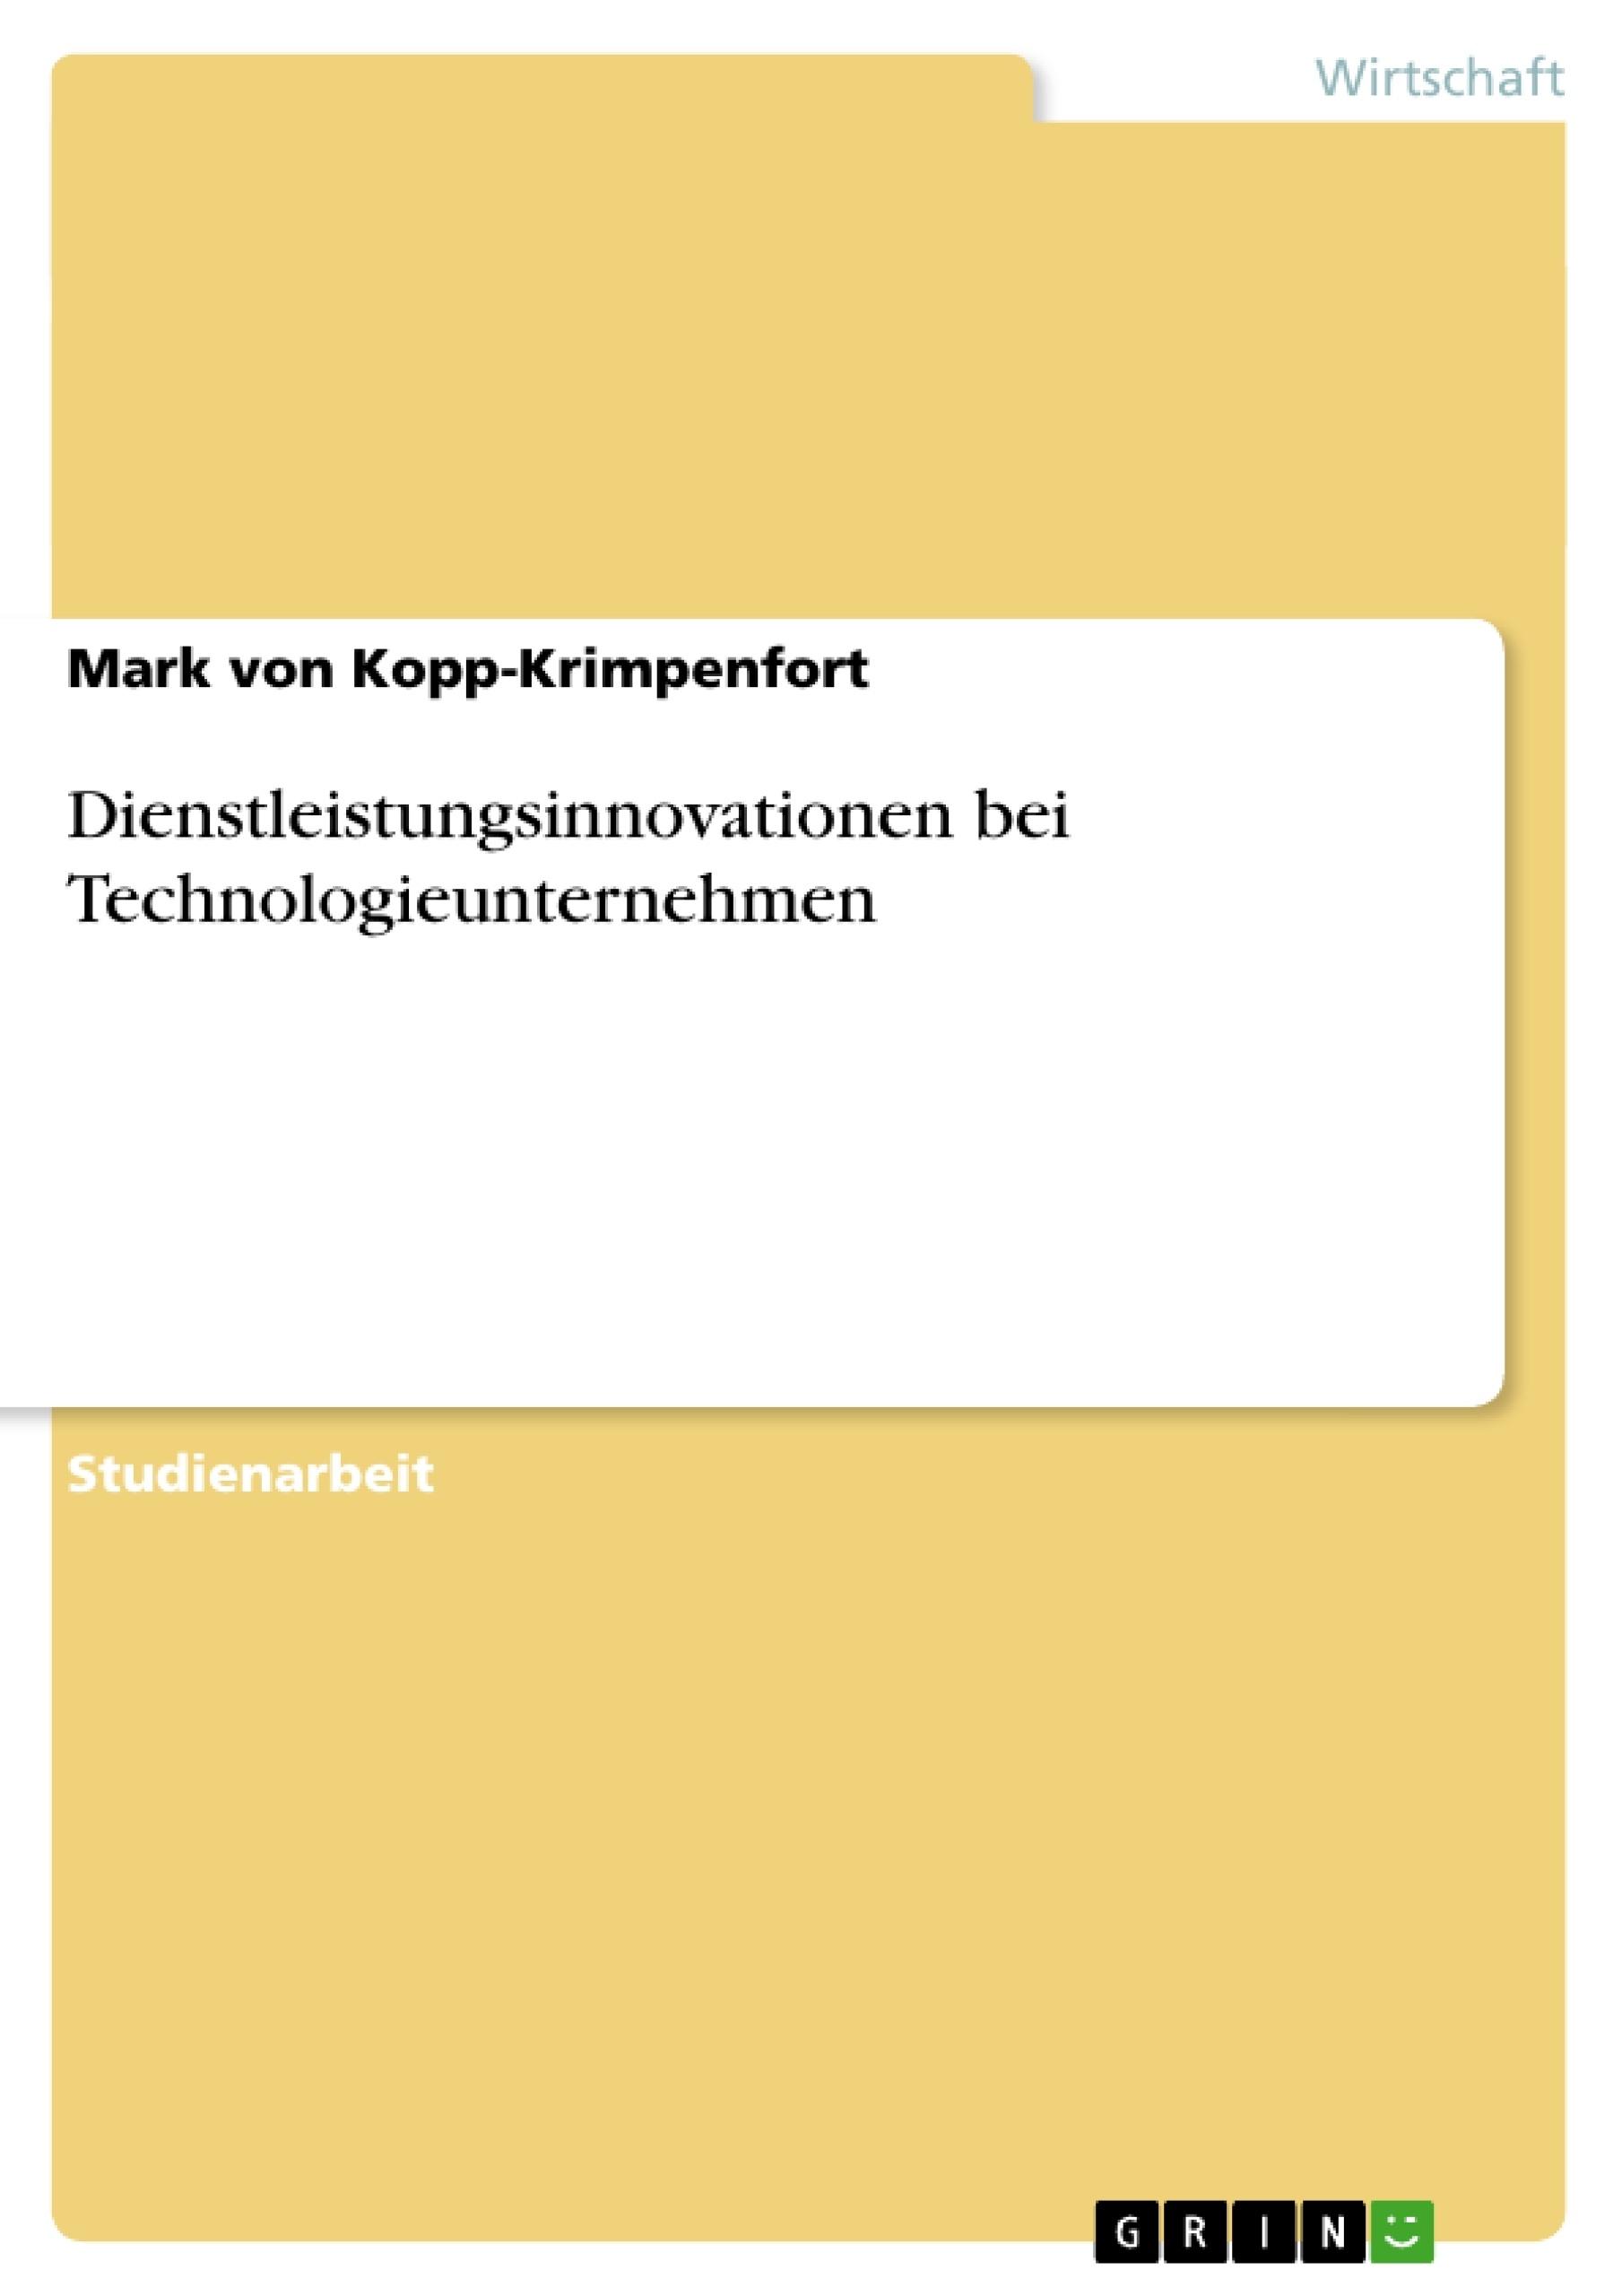 Titel: Dienstleistungsinnovationen bei Technologieunternehmen